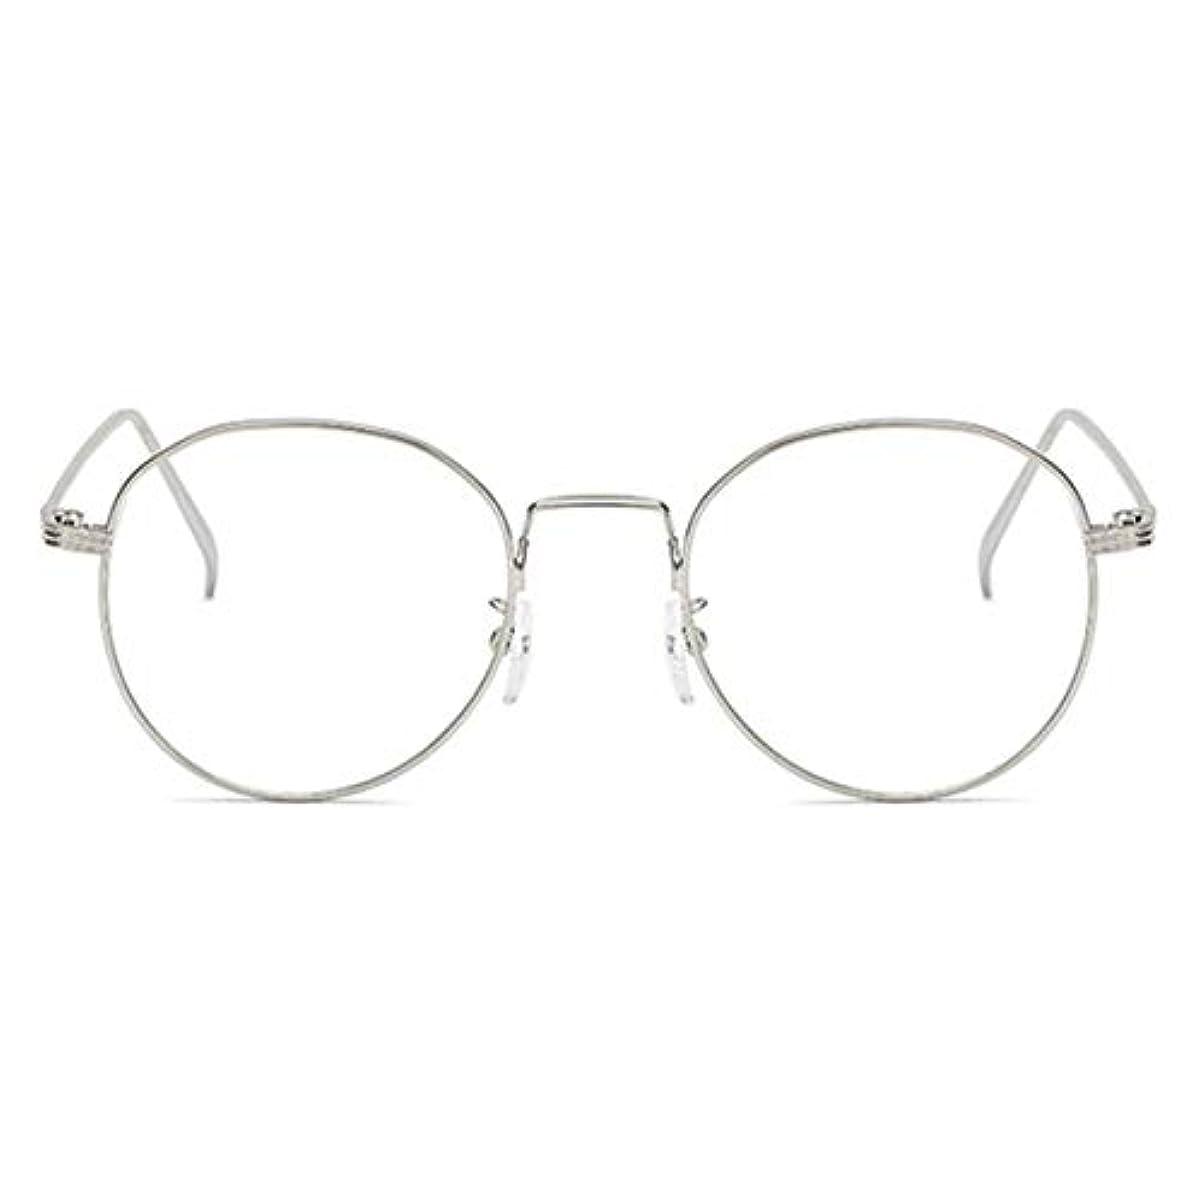 基準頬混合した丸型アンチブルーライト男性女性メガネ軽量金属フレームプレーンミラーレンズアイウェアメガネ-シルバー